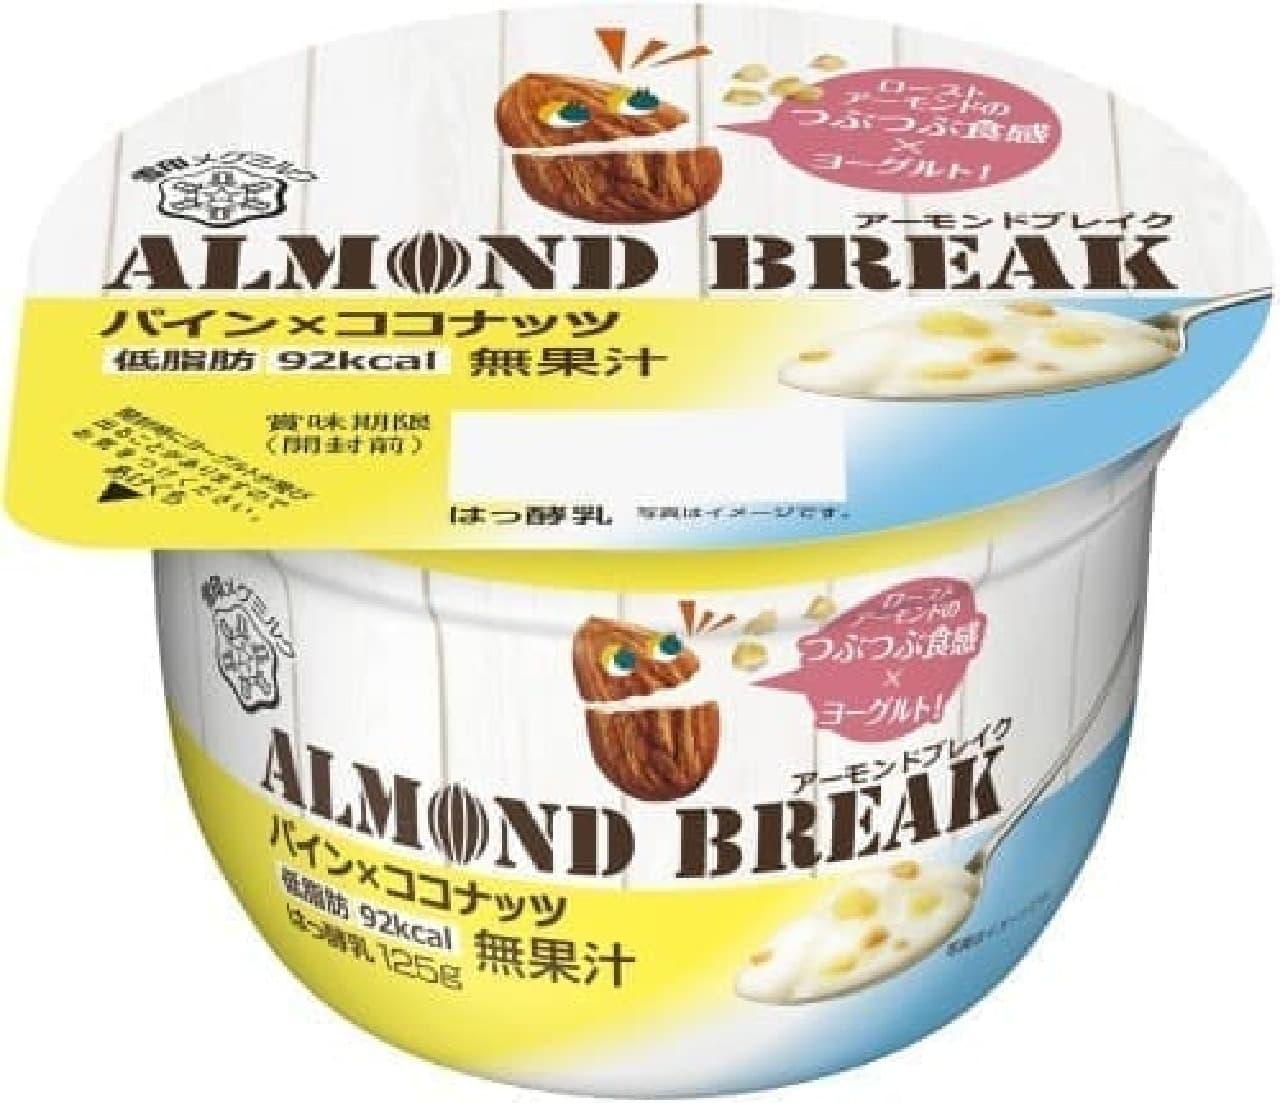 雪印メグミルク「アーモンドブレイク パイン×ココナッツ」